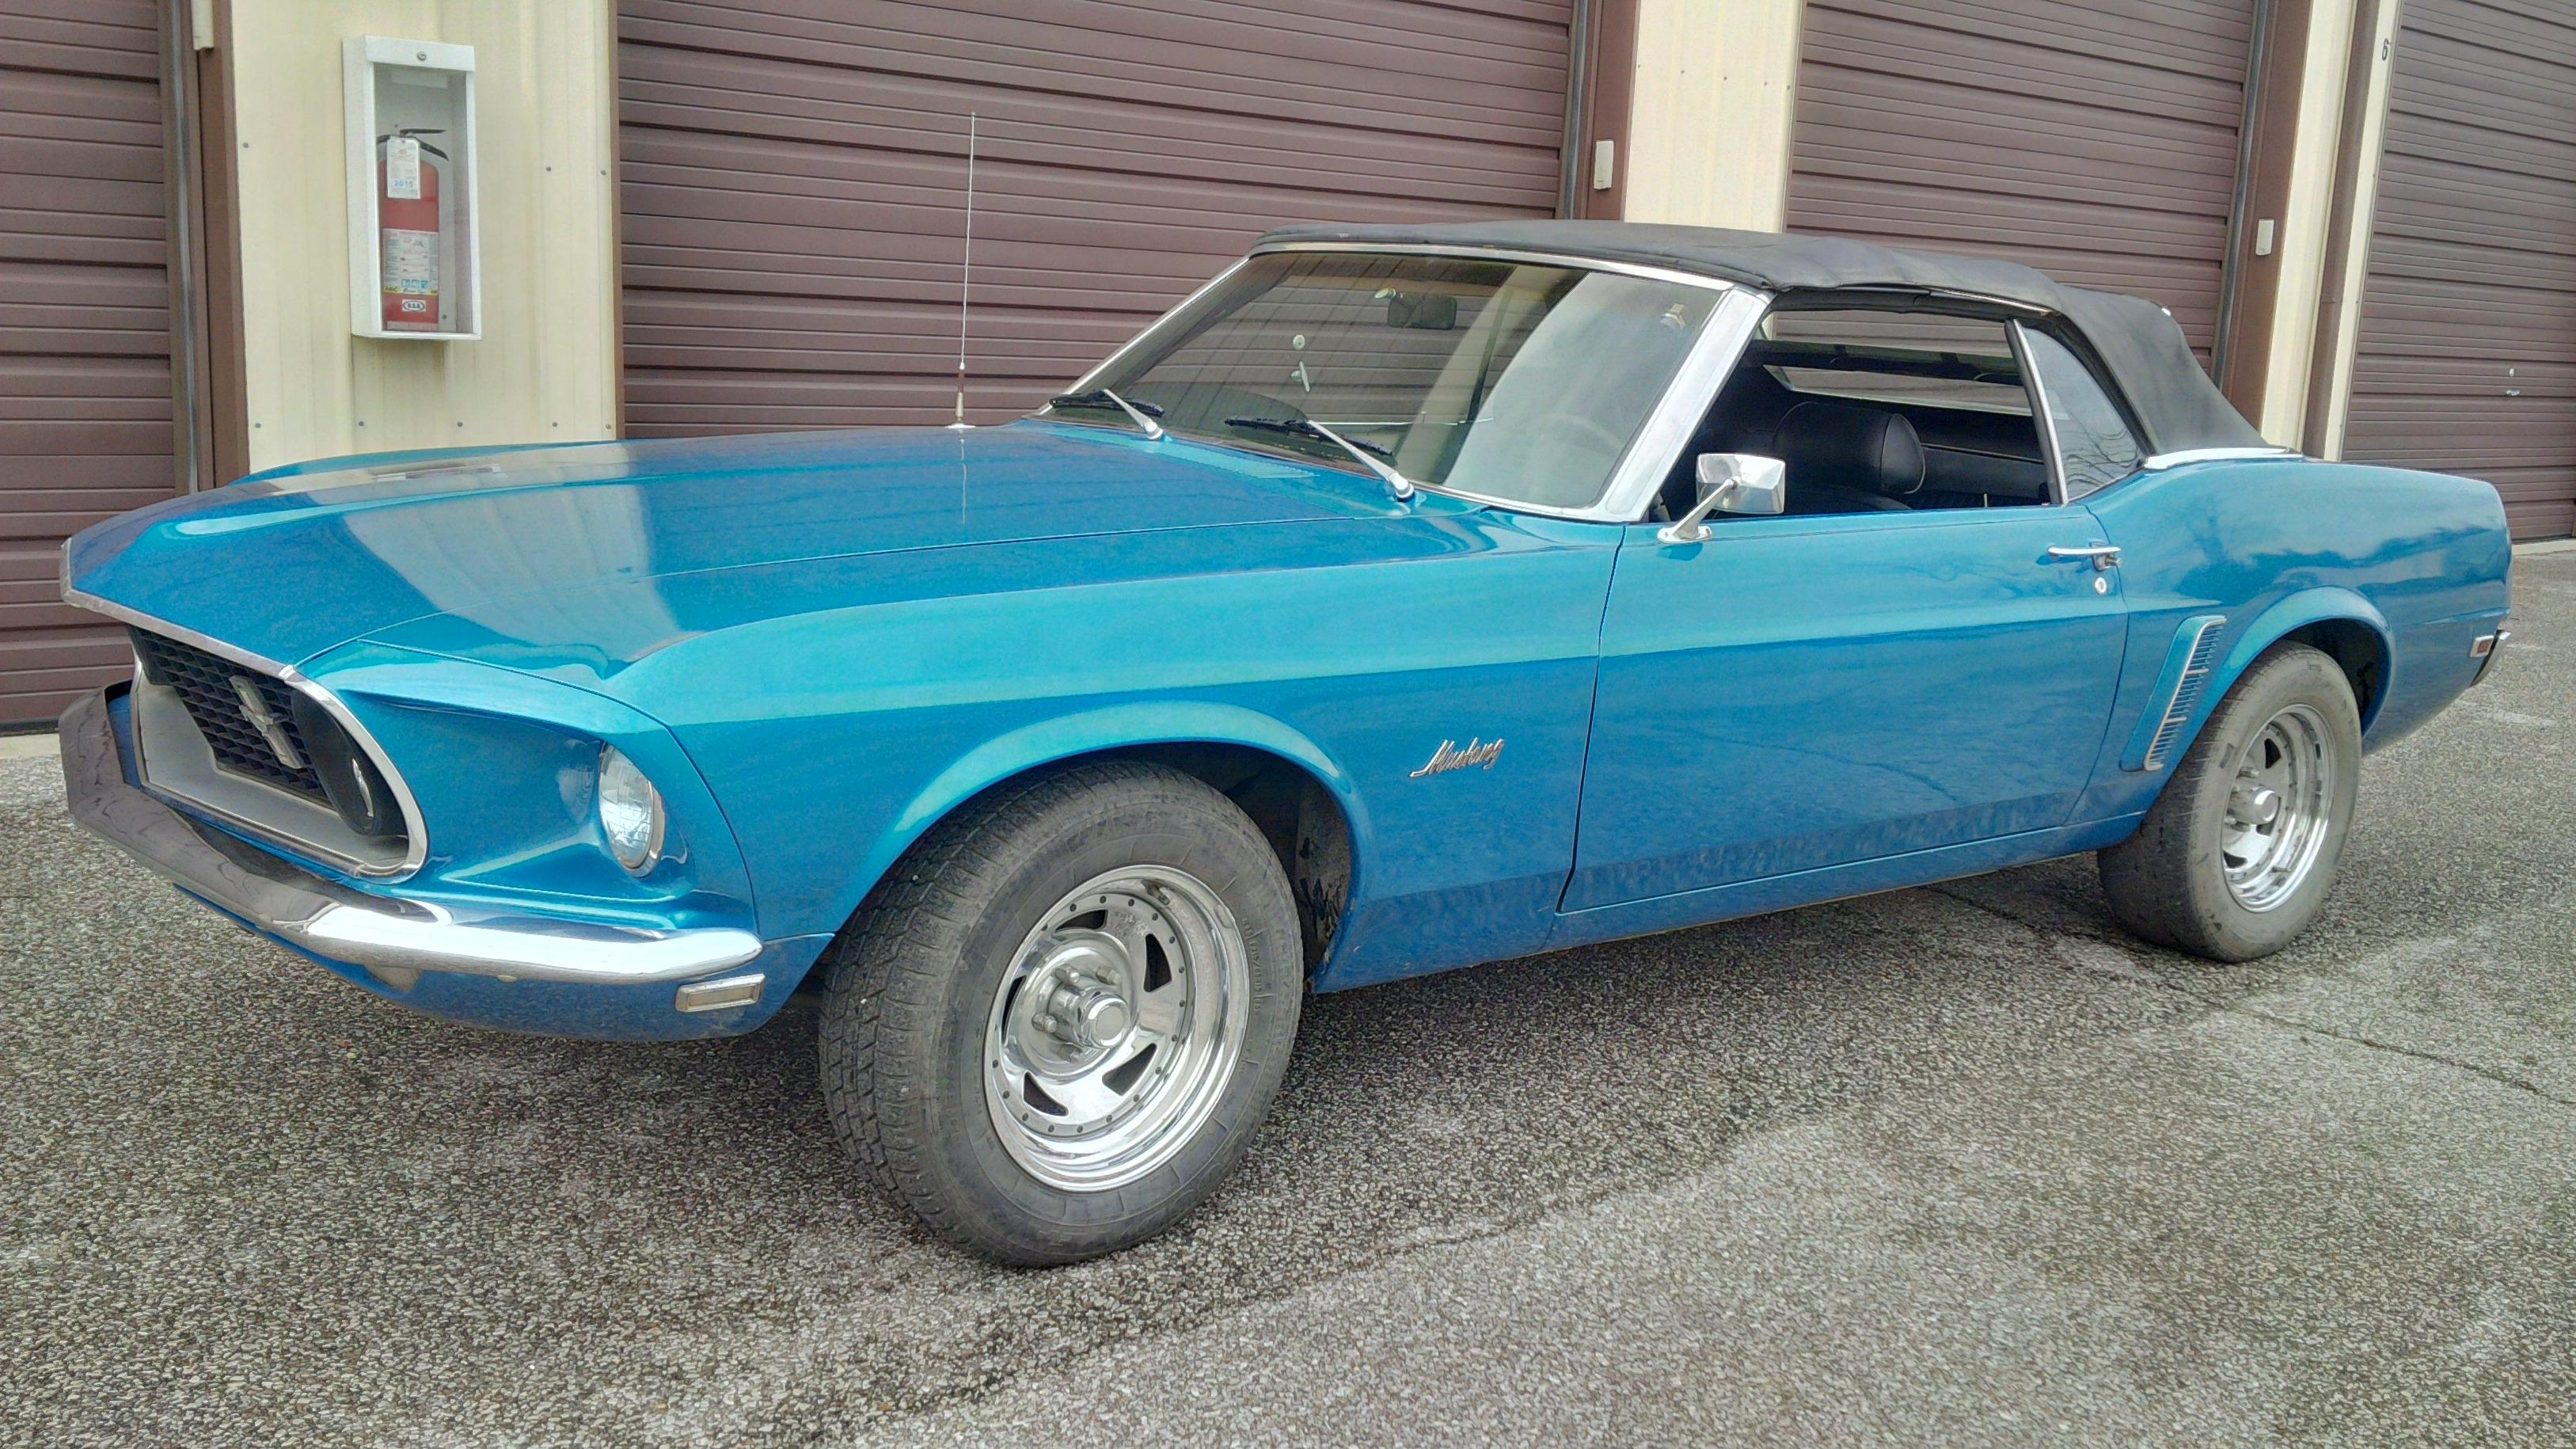 1969 Ford Mustang Convertible-6488 GSA SOLD - BenzaMotors